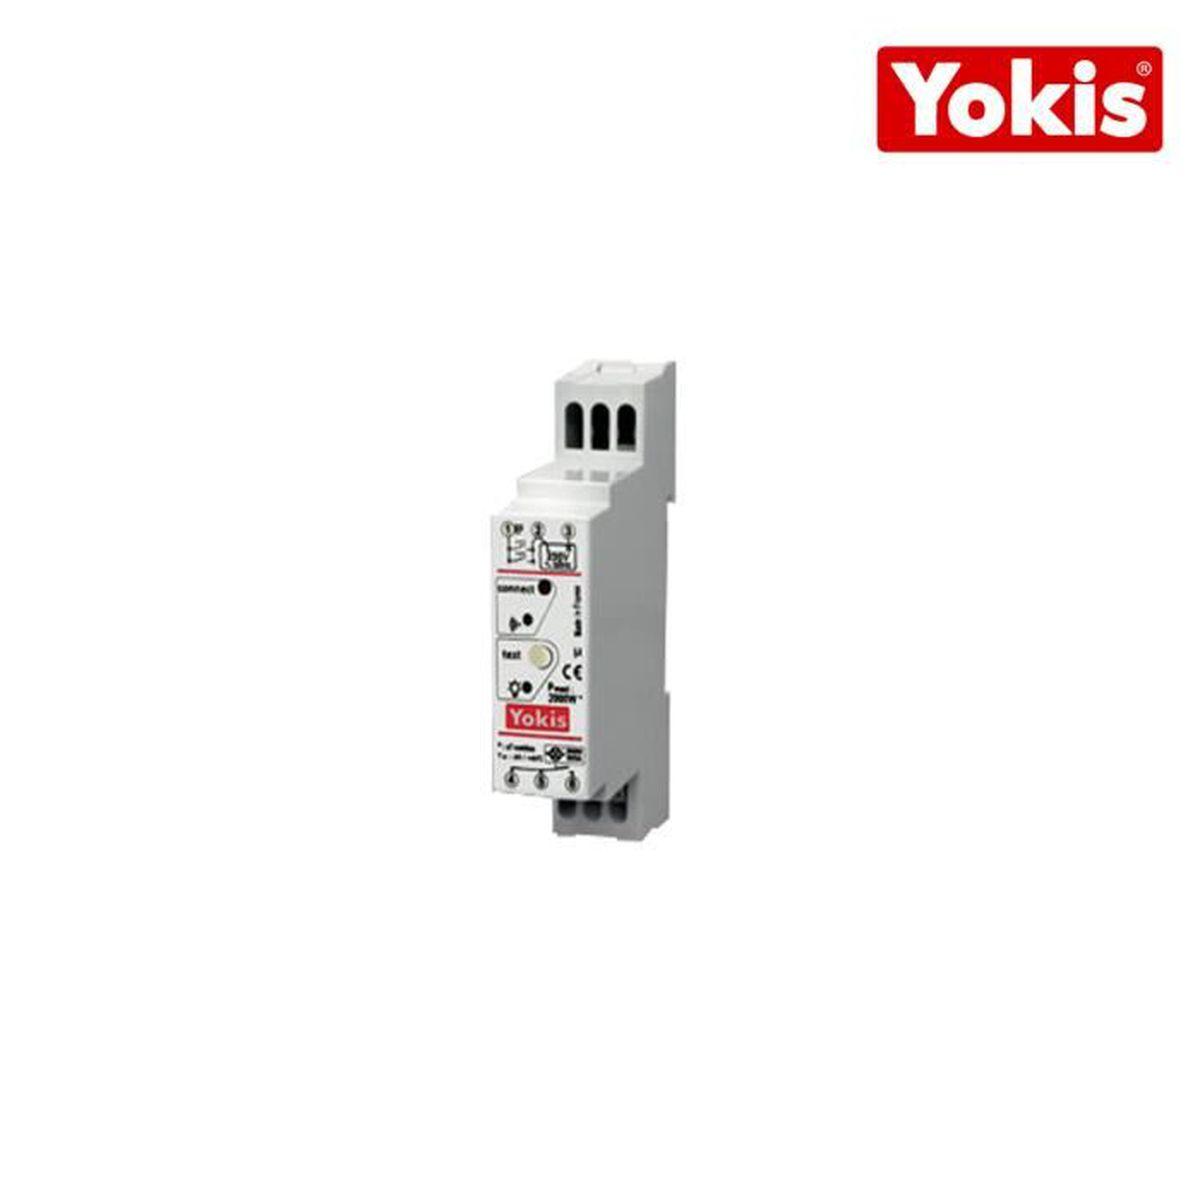 ÉMETTEUR - ACTIONNEUR  Télérupteur temporisé Yokis Radio Modulaire 2000W